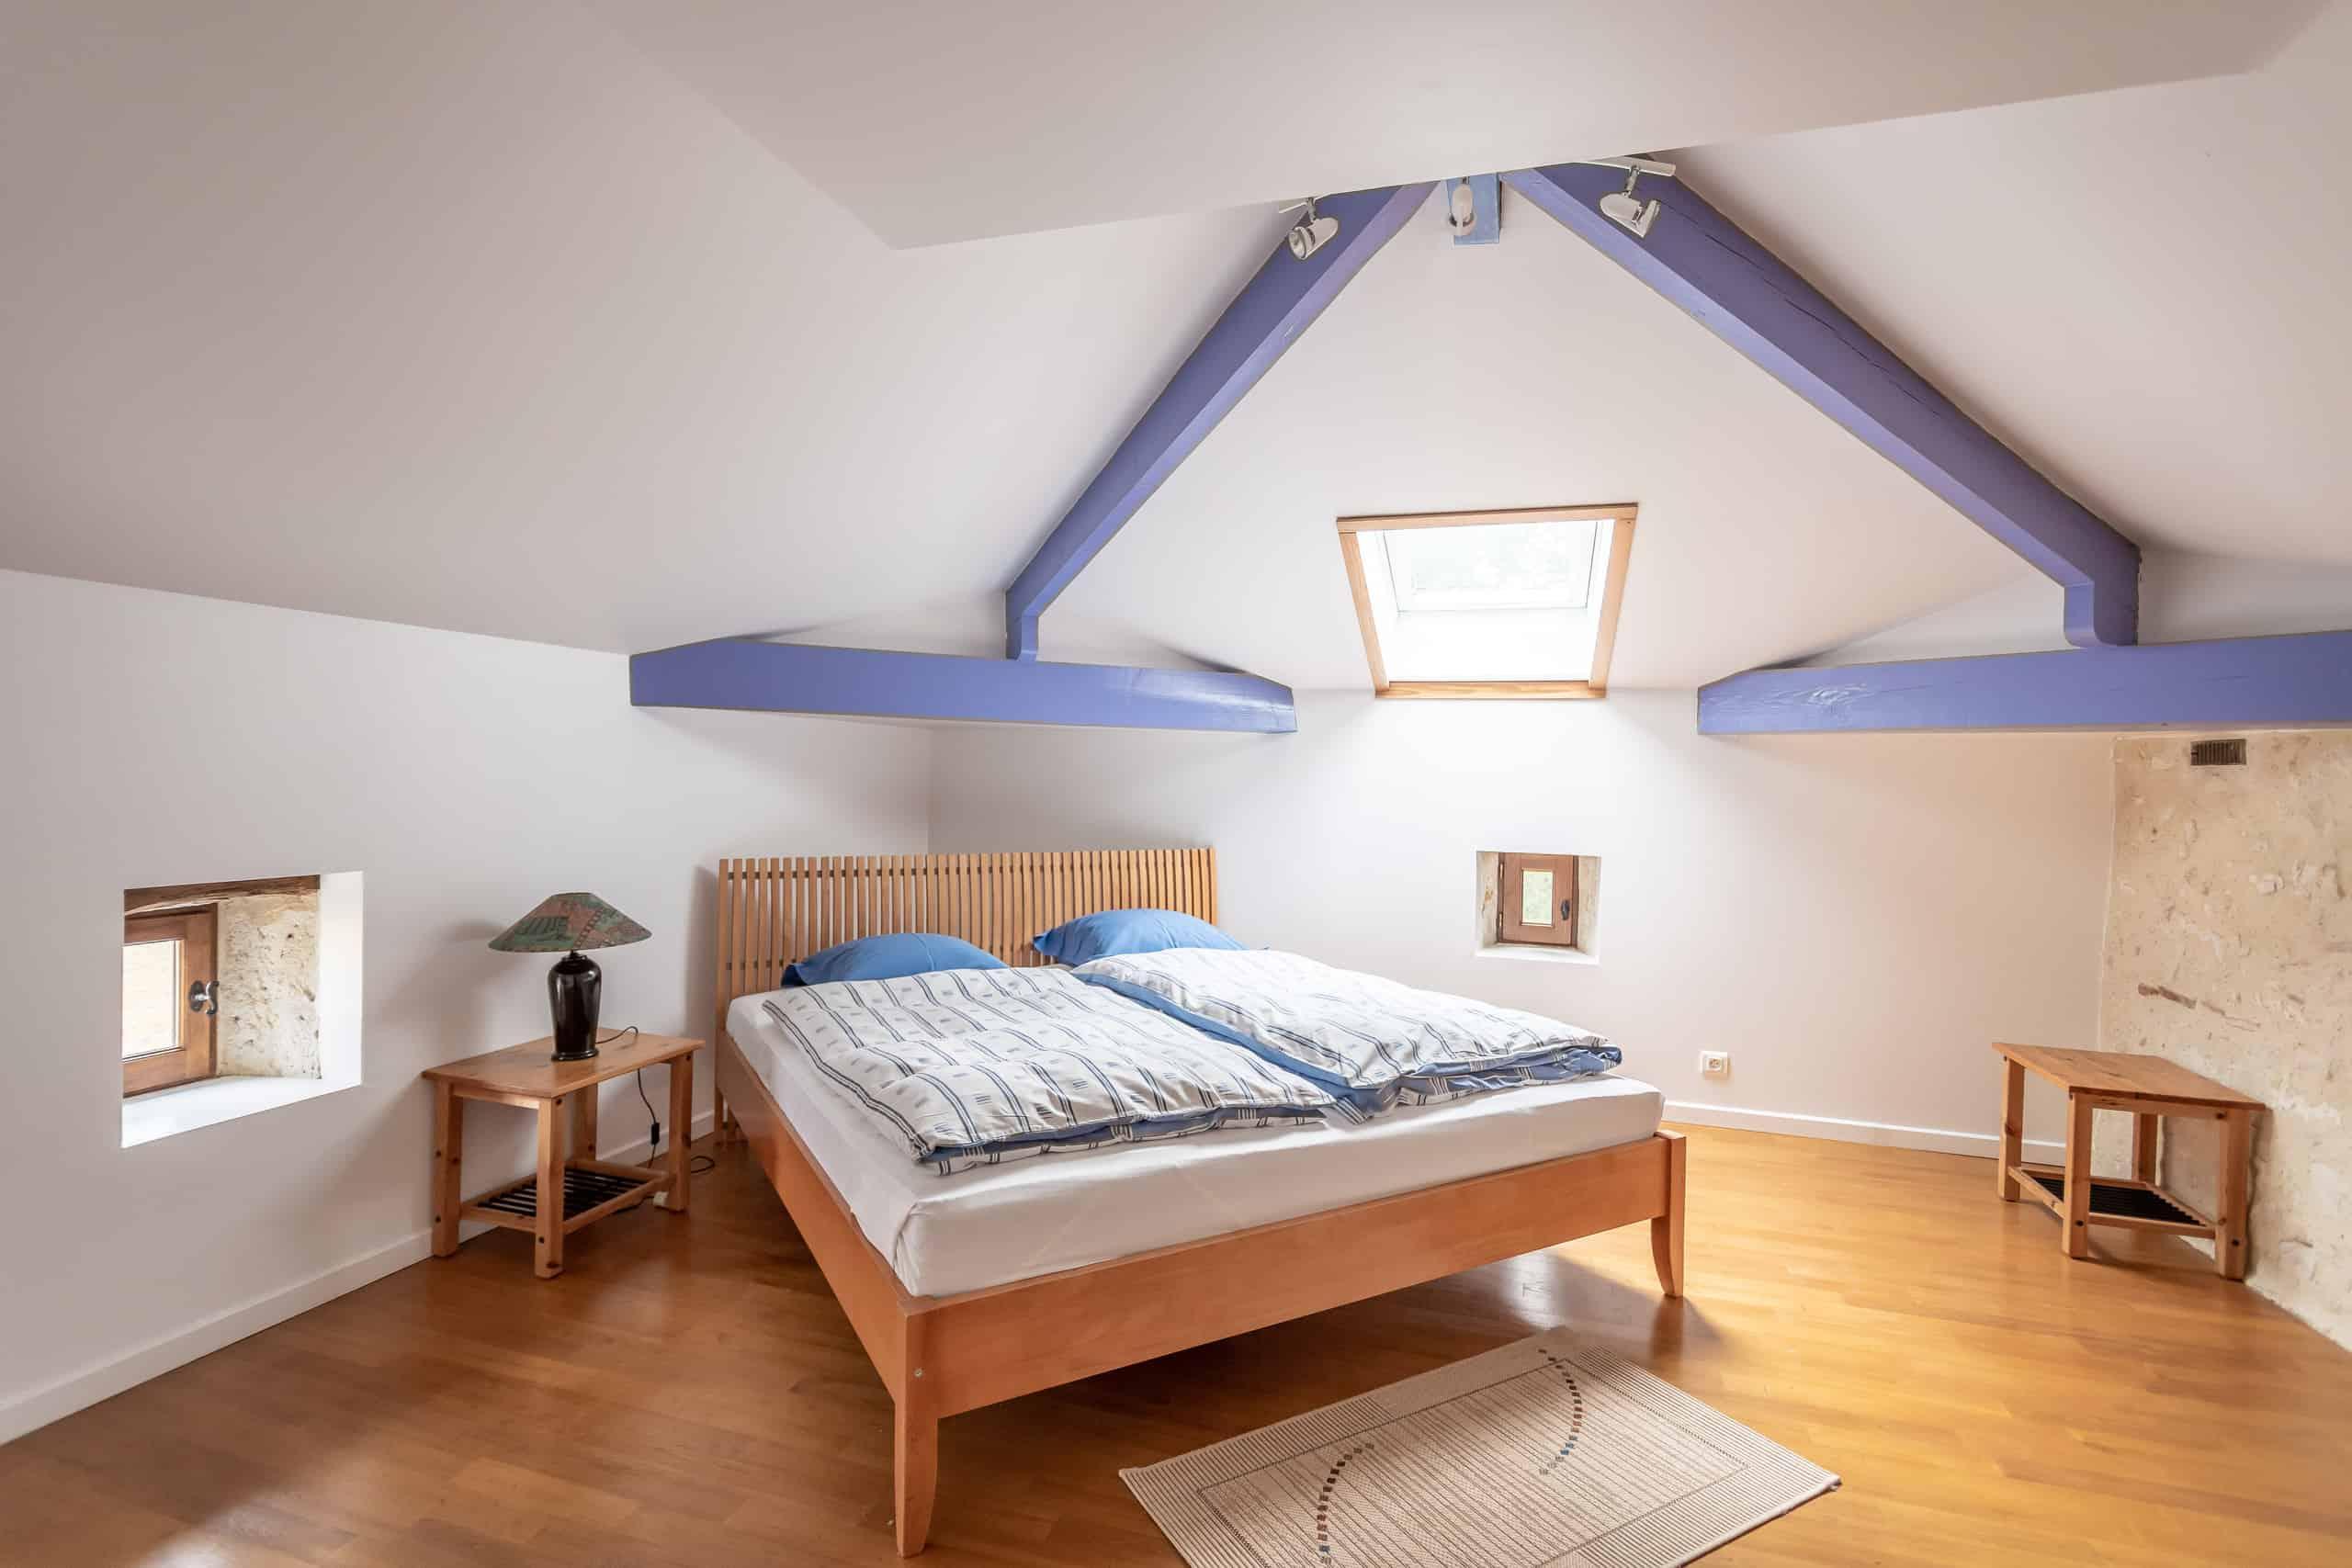 Bedroom-WMC017